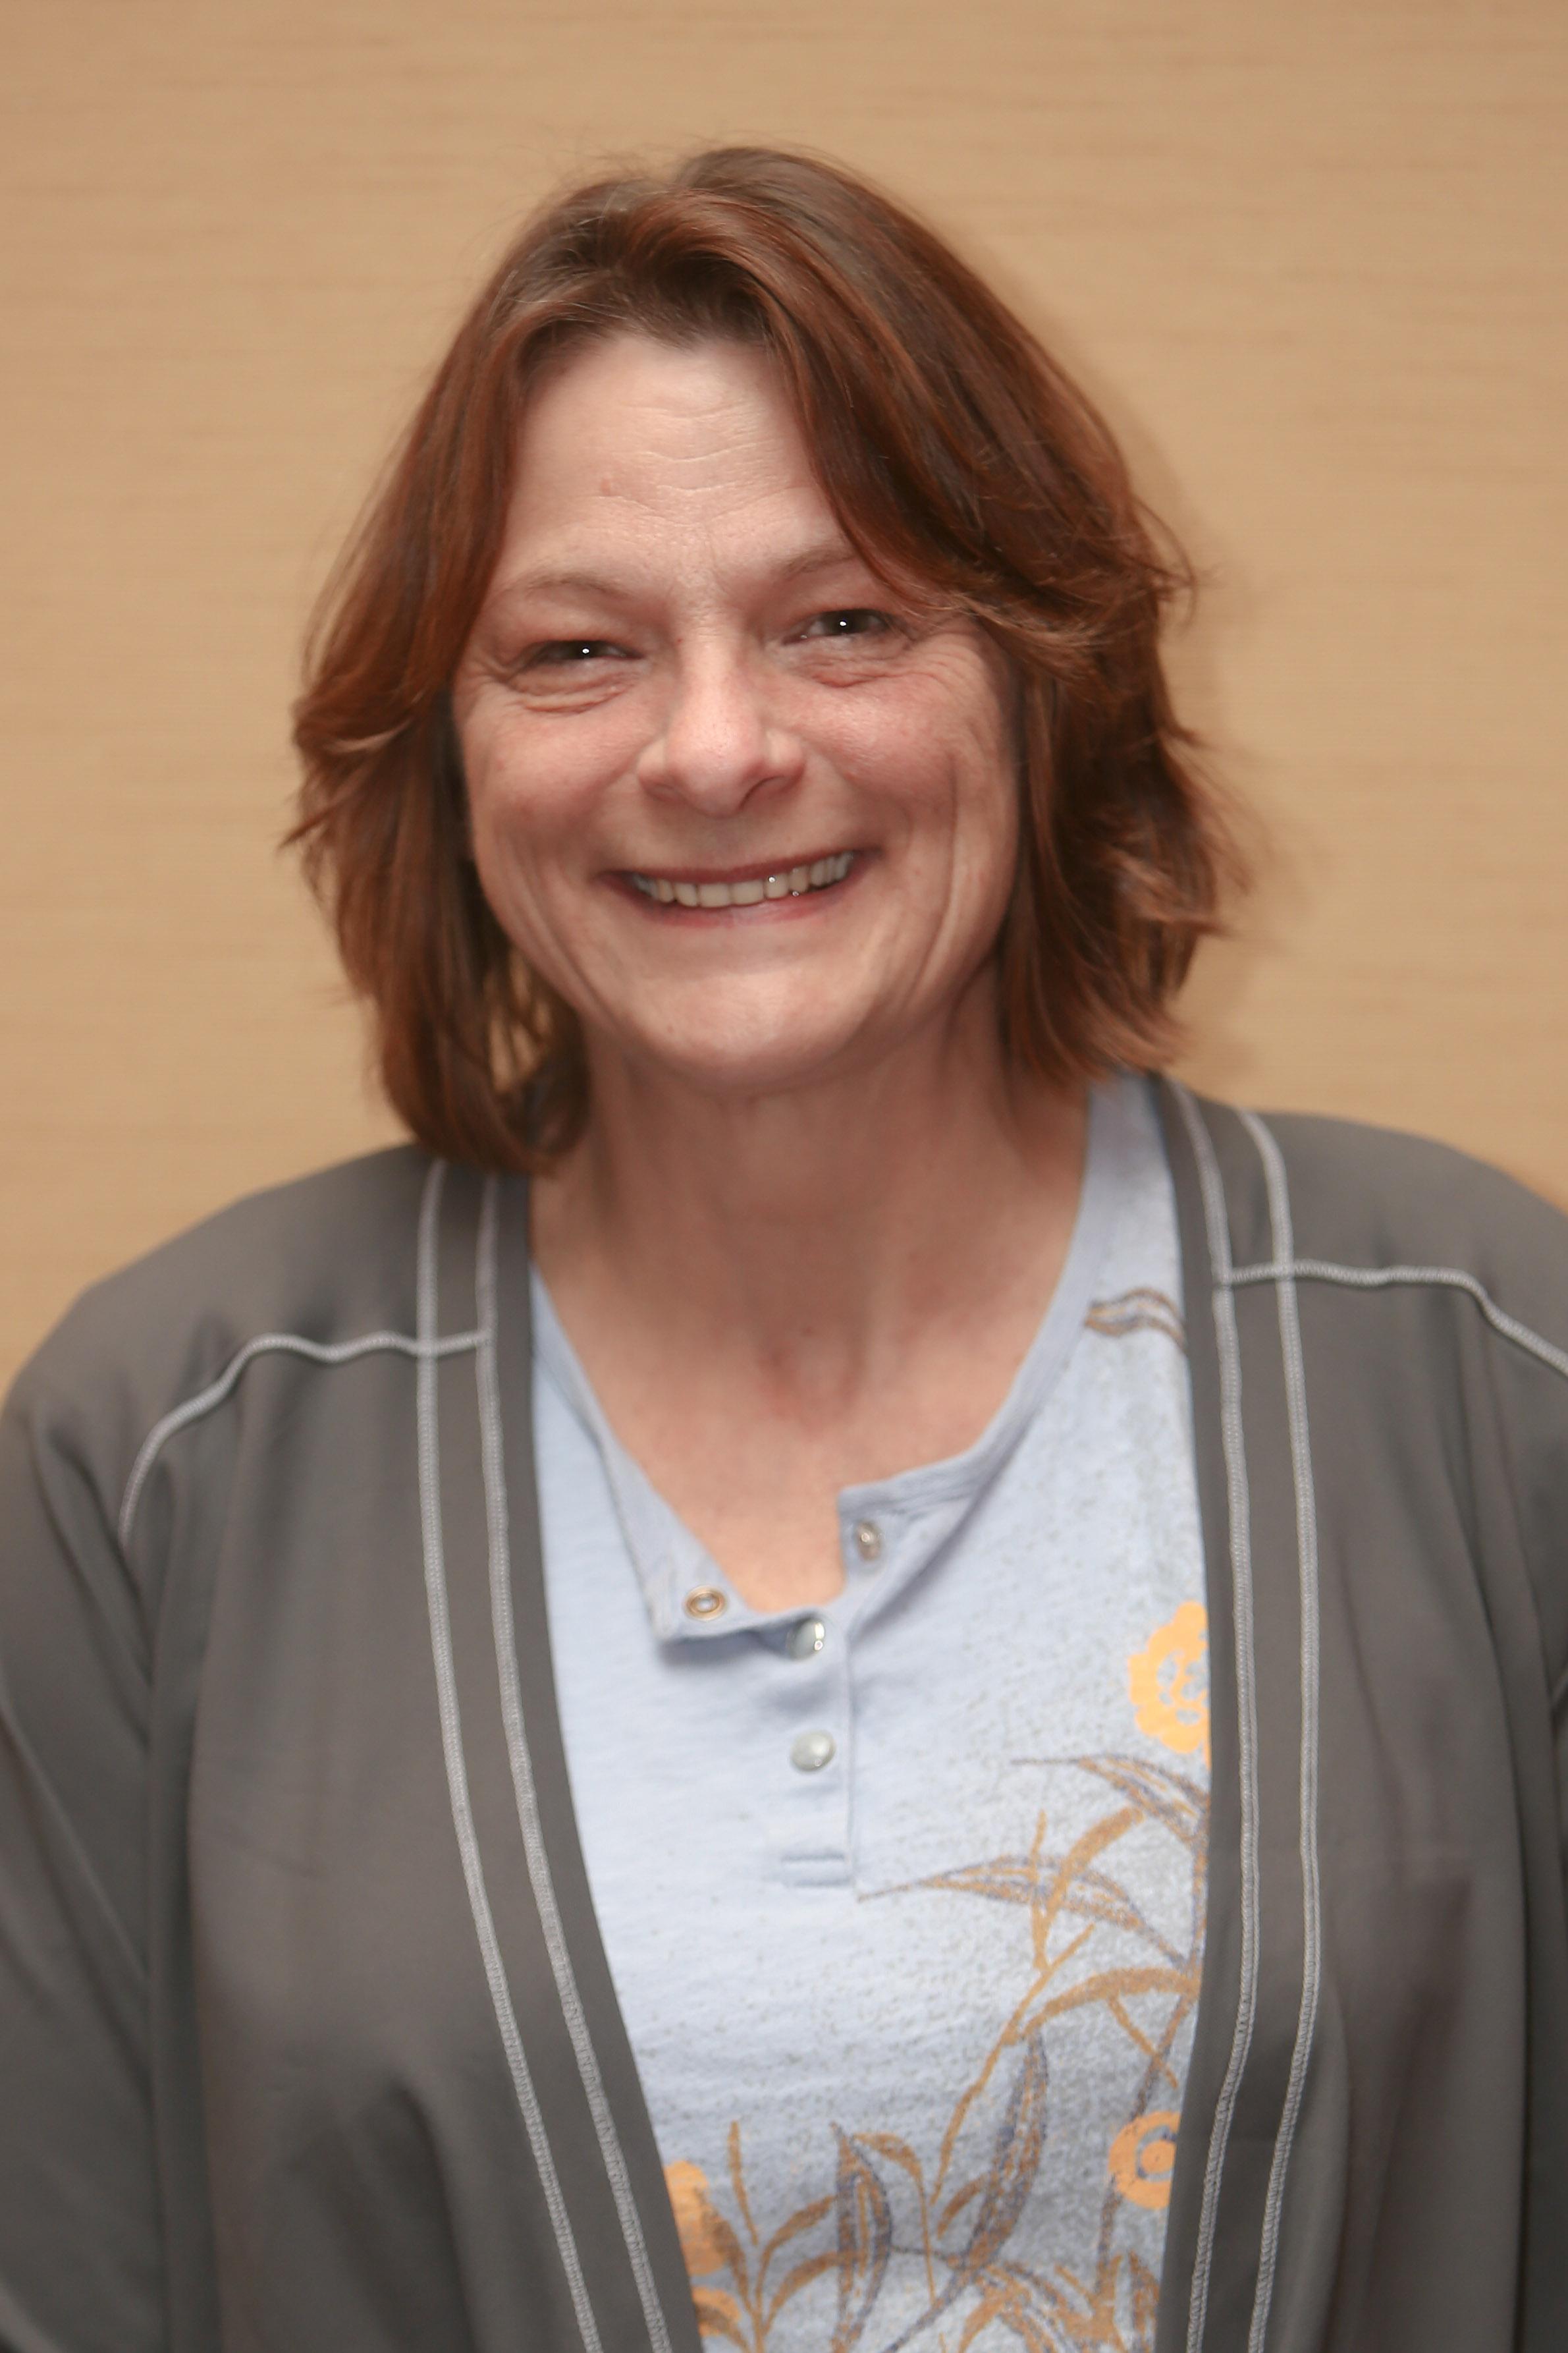 Dr. Sharon Kimmel